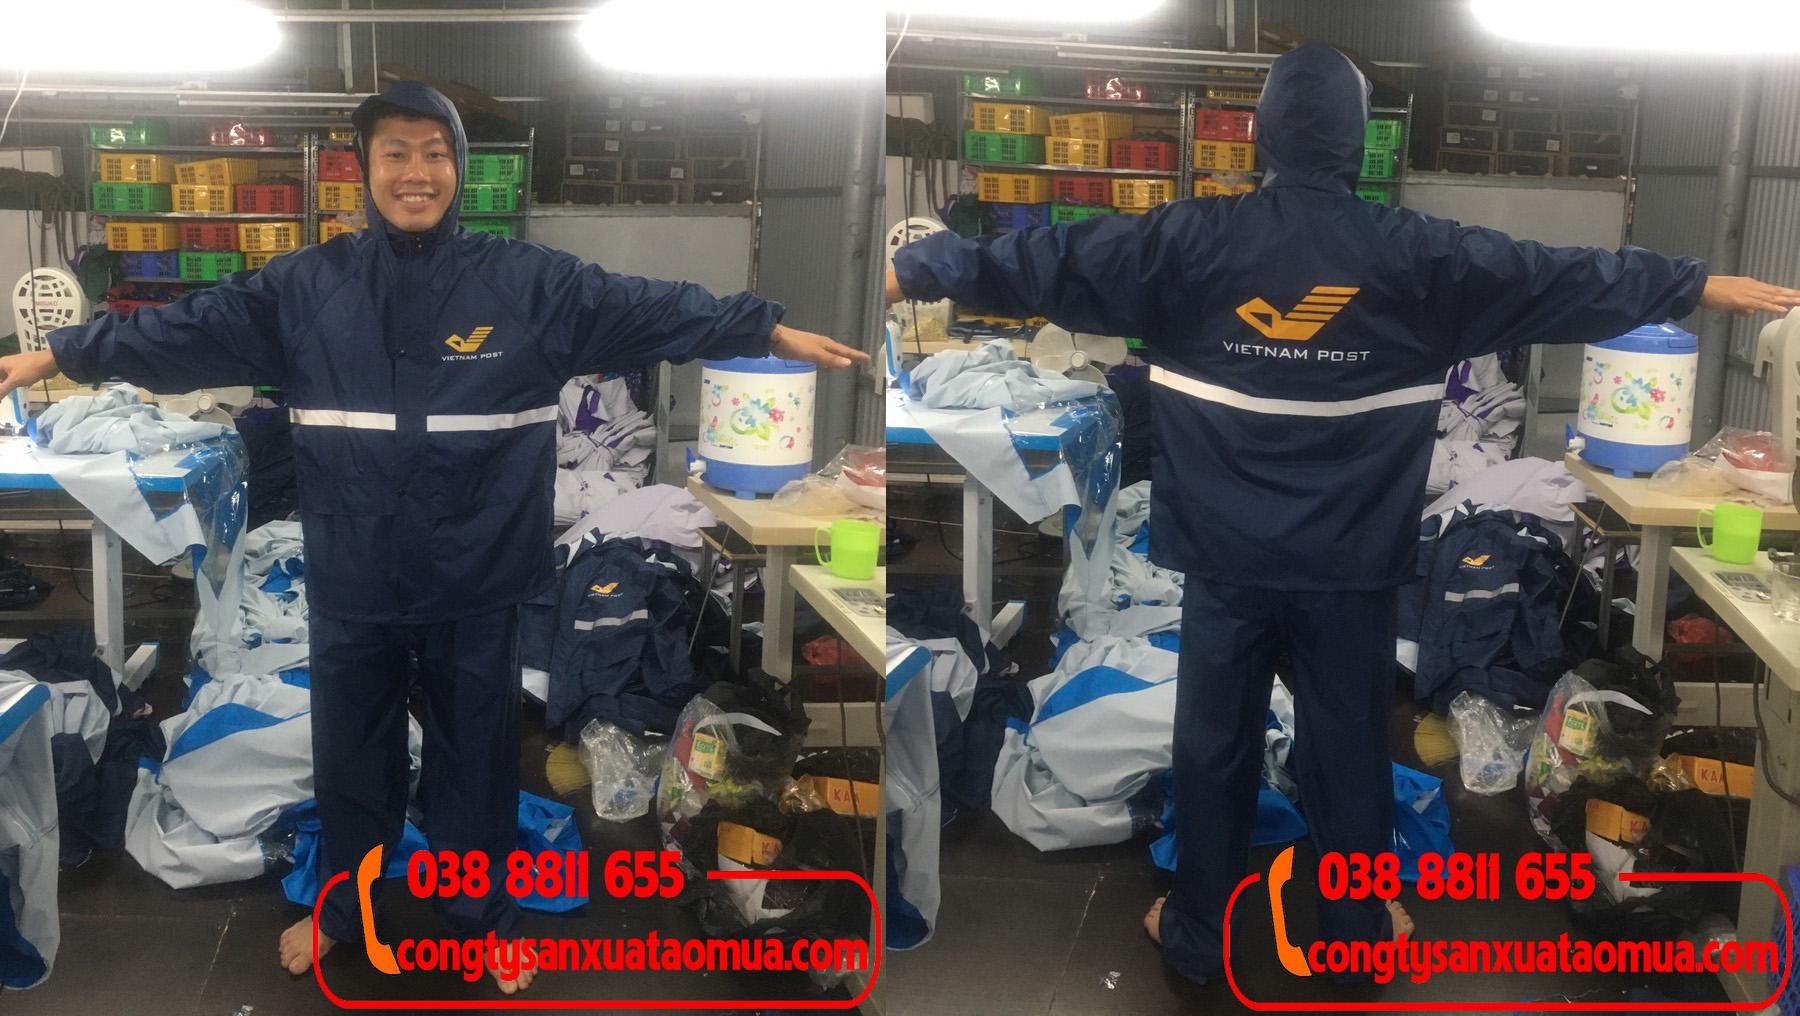 Công ty sản xuất áo mưa bộ 1 lớp in logo tại Hà Nội